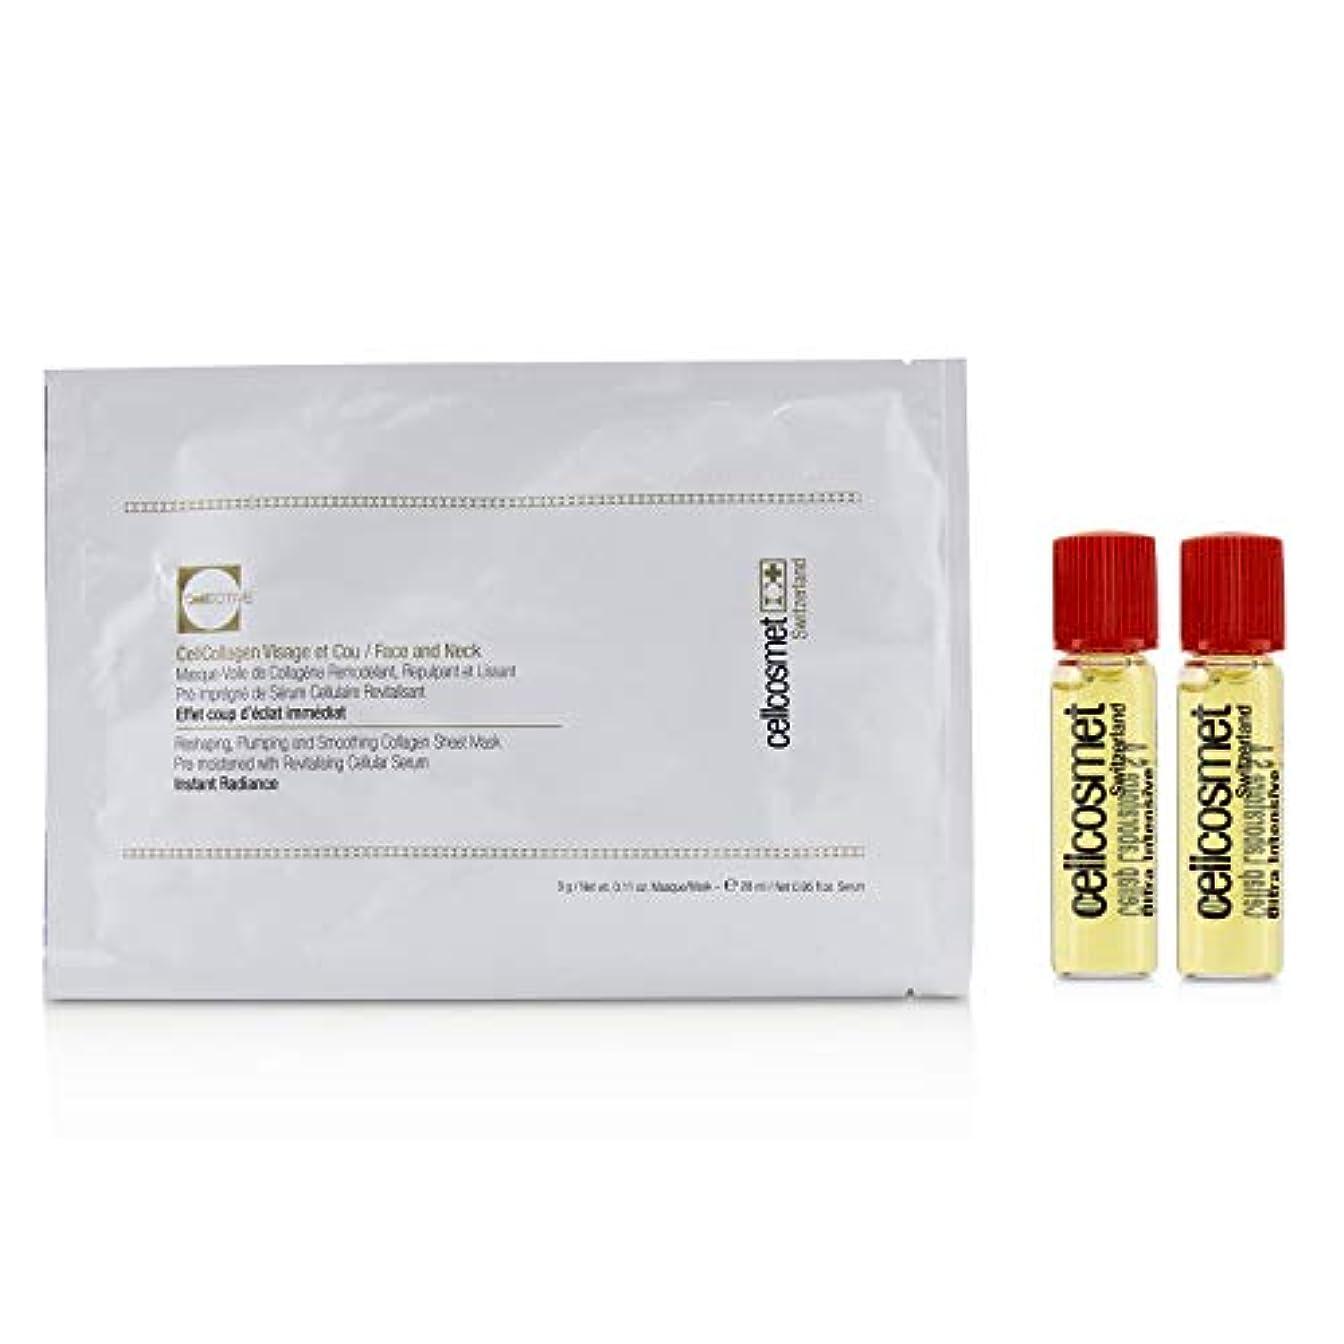 病気だと思う目的低いセルコスメ & セルメン Cellcosmet CellEctive CellCollagen Face & Neck: 4x Masks (Serum 28ml/0.95oz) + 4x Ampoules 1.5ml/0.05oz -並行輸入品